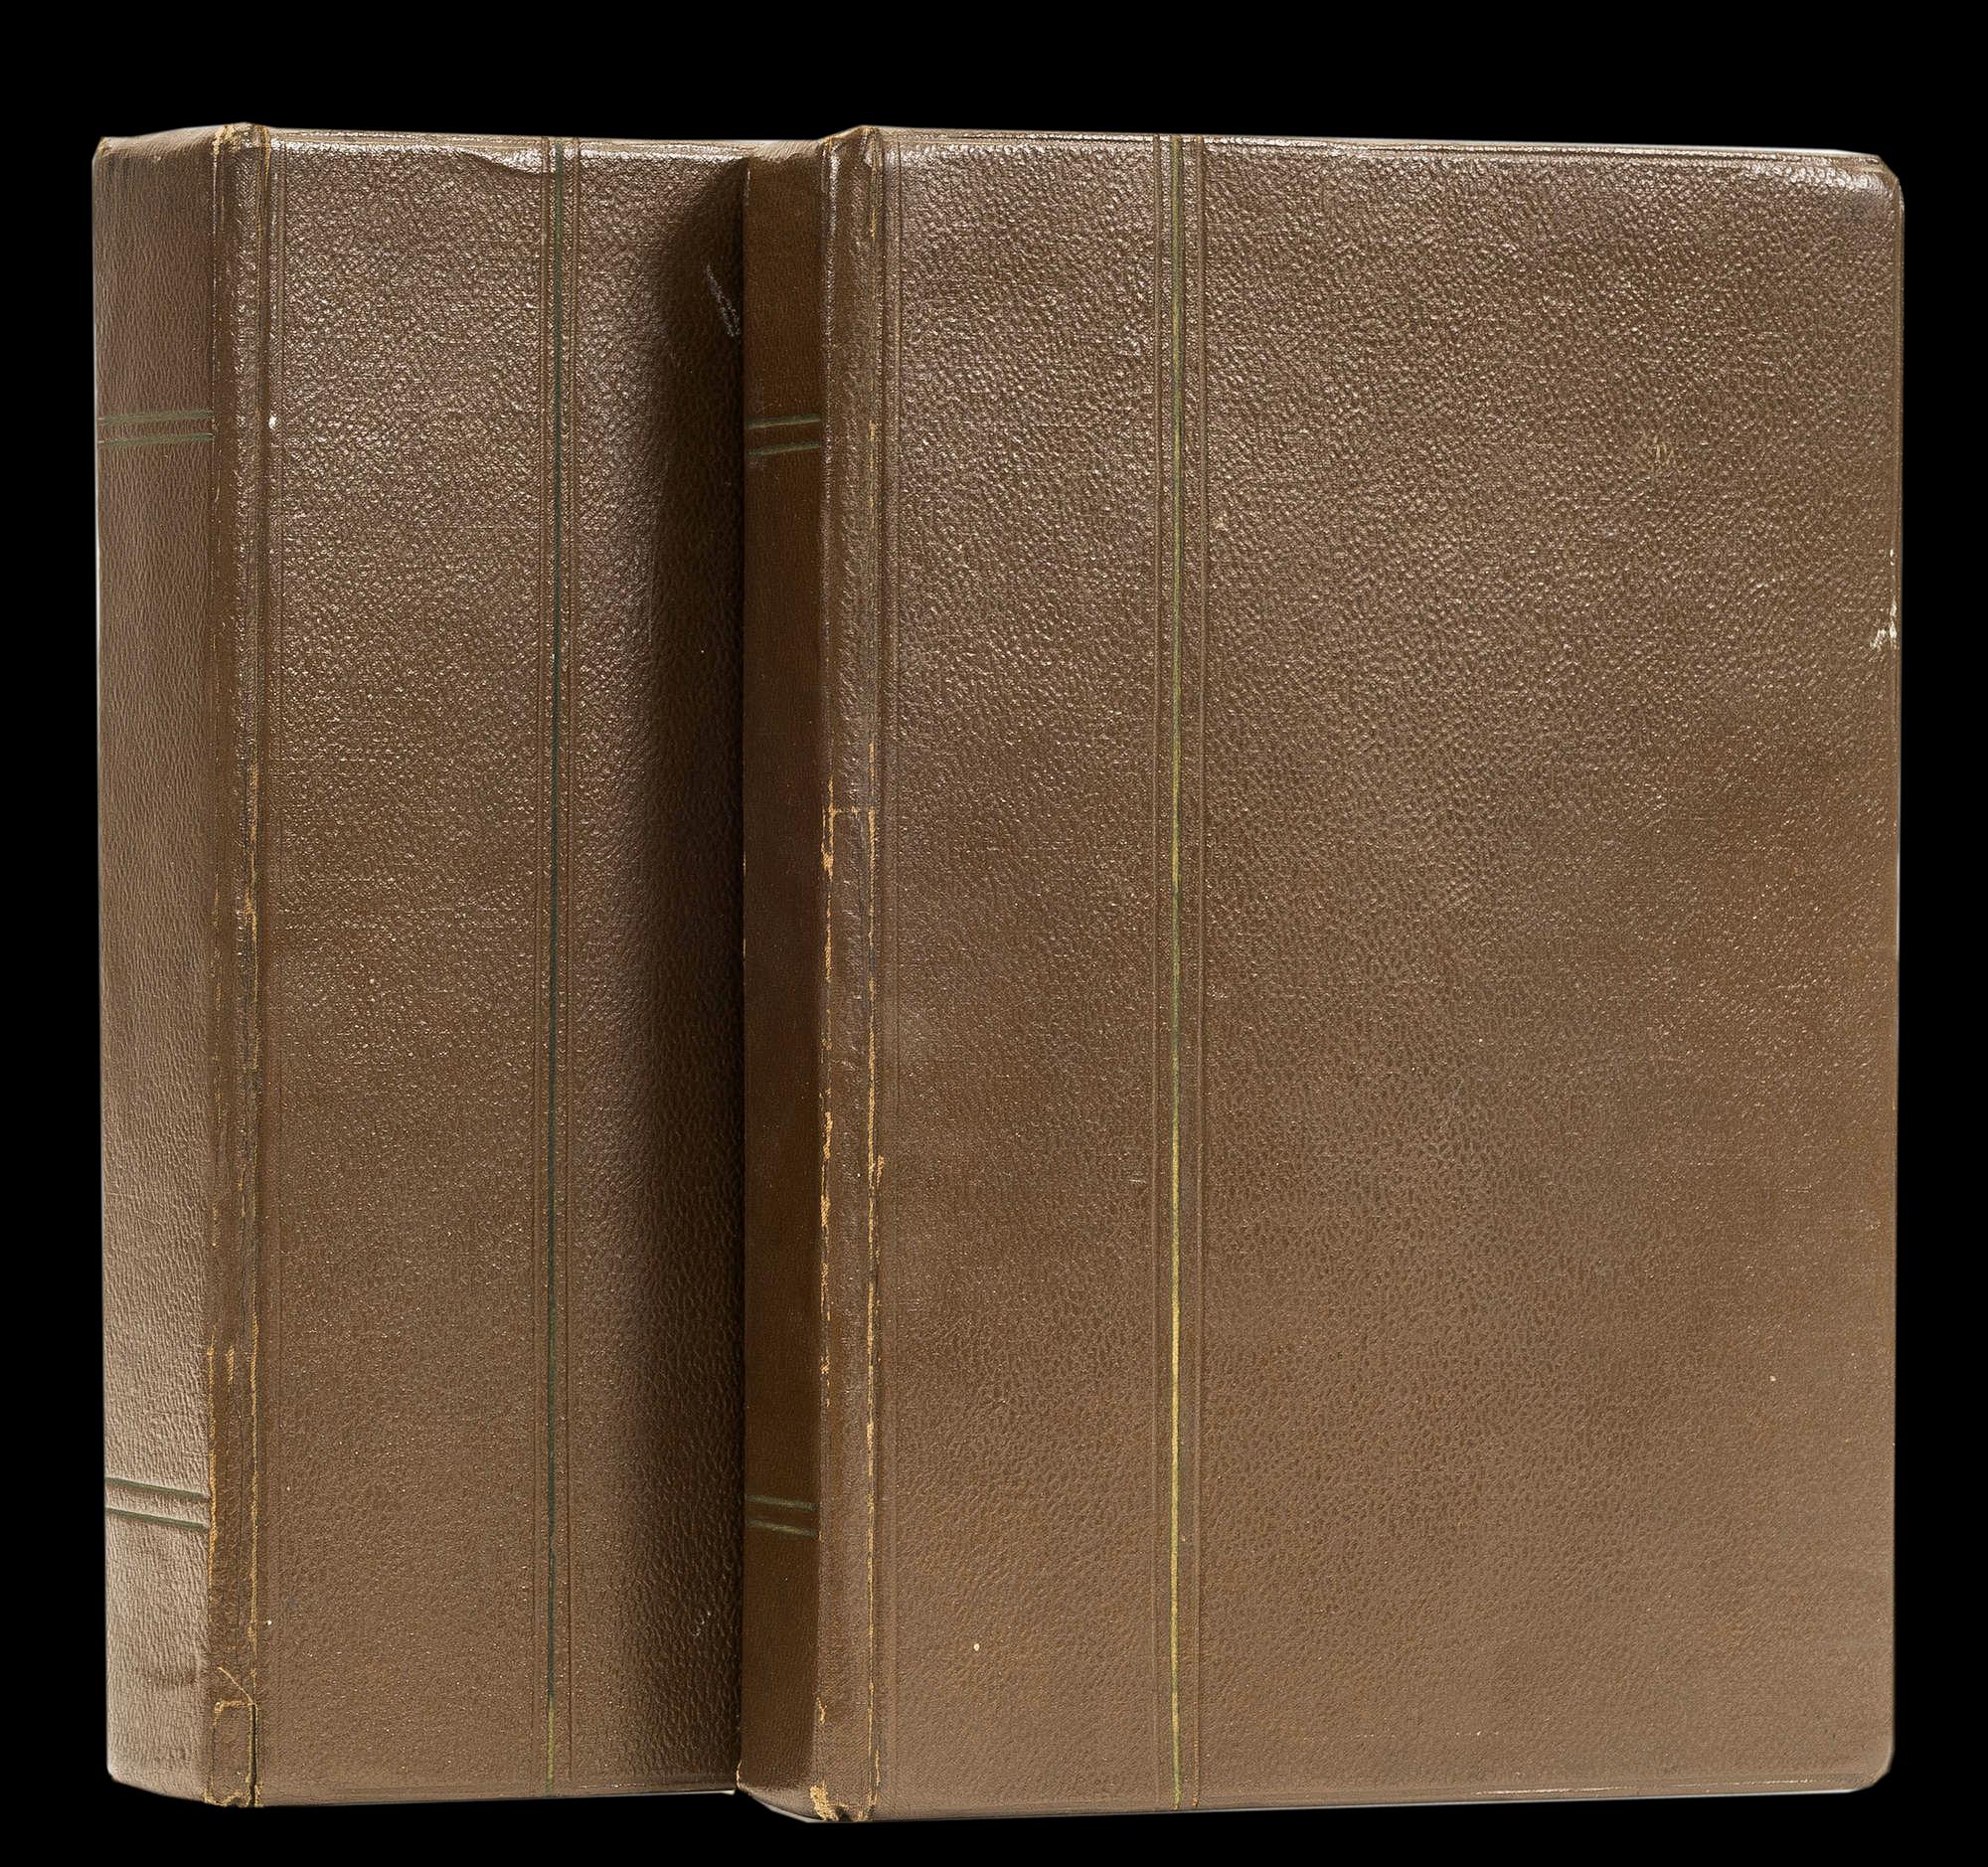 Роман Бориса Пастернака «Доктор Живаго» (обложка, машинописный оригинал, ок. 1956)